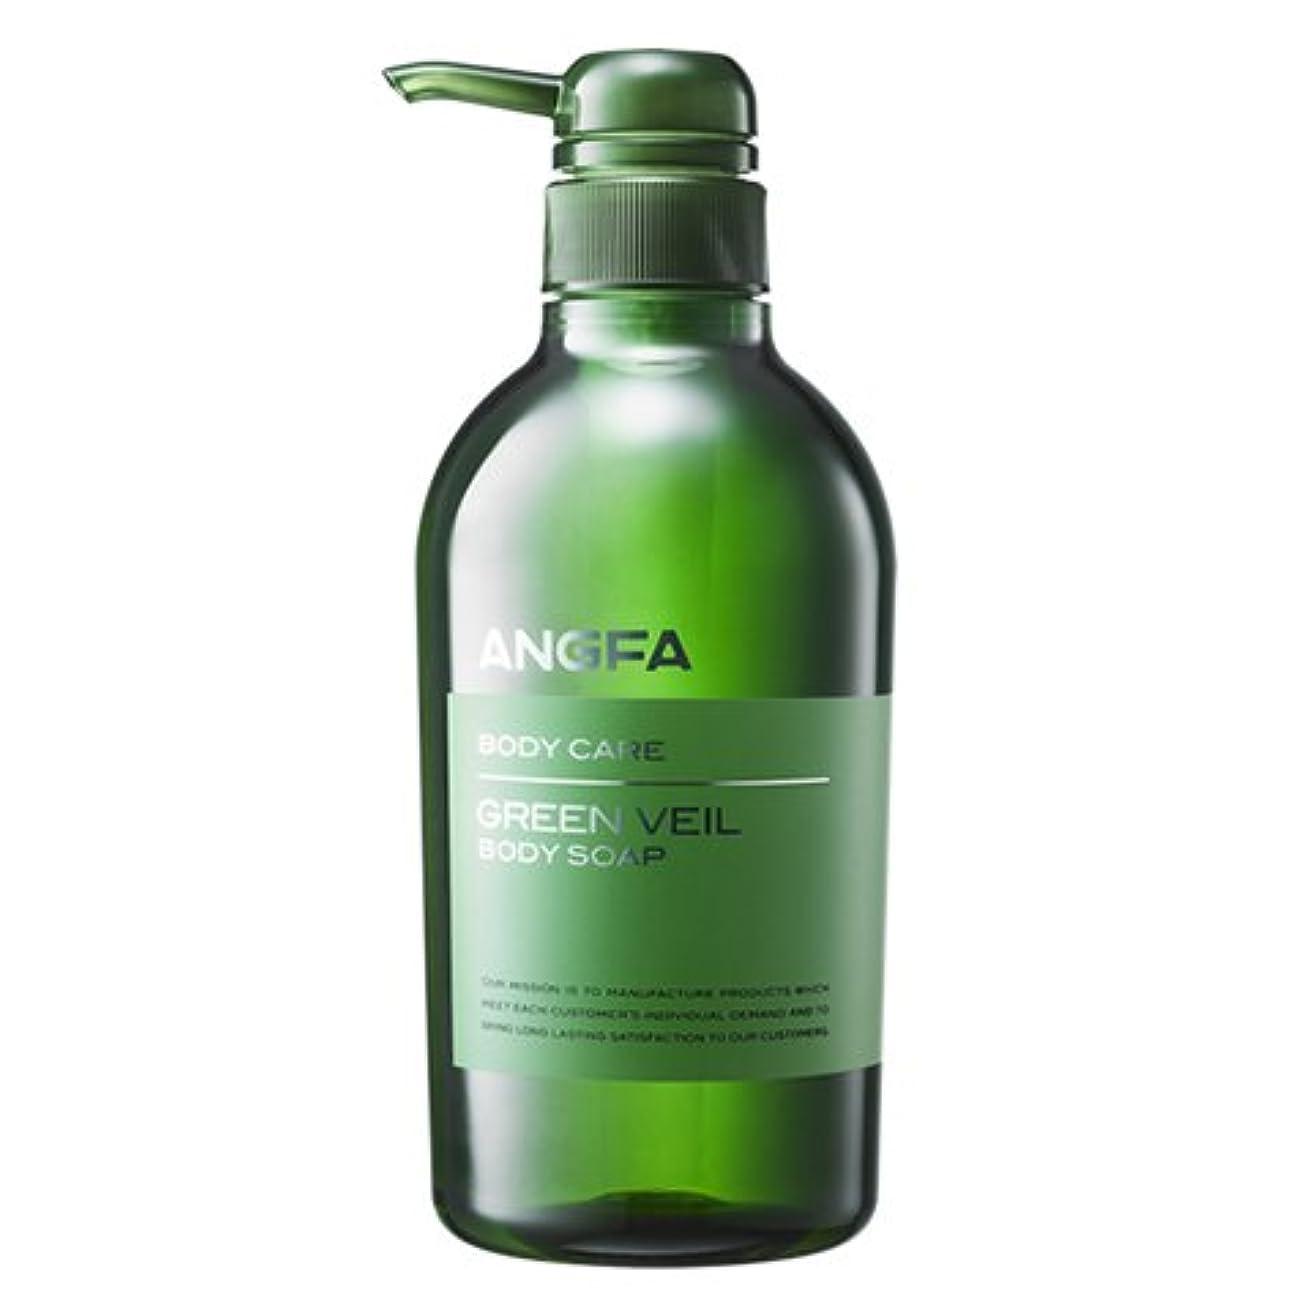 トラフミルレベルアンファー (ANGFA) グリーンベール 薬用ボディソープ 500ml グリーンフローラル [乾燥?保湿] かゆみ肌